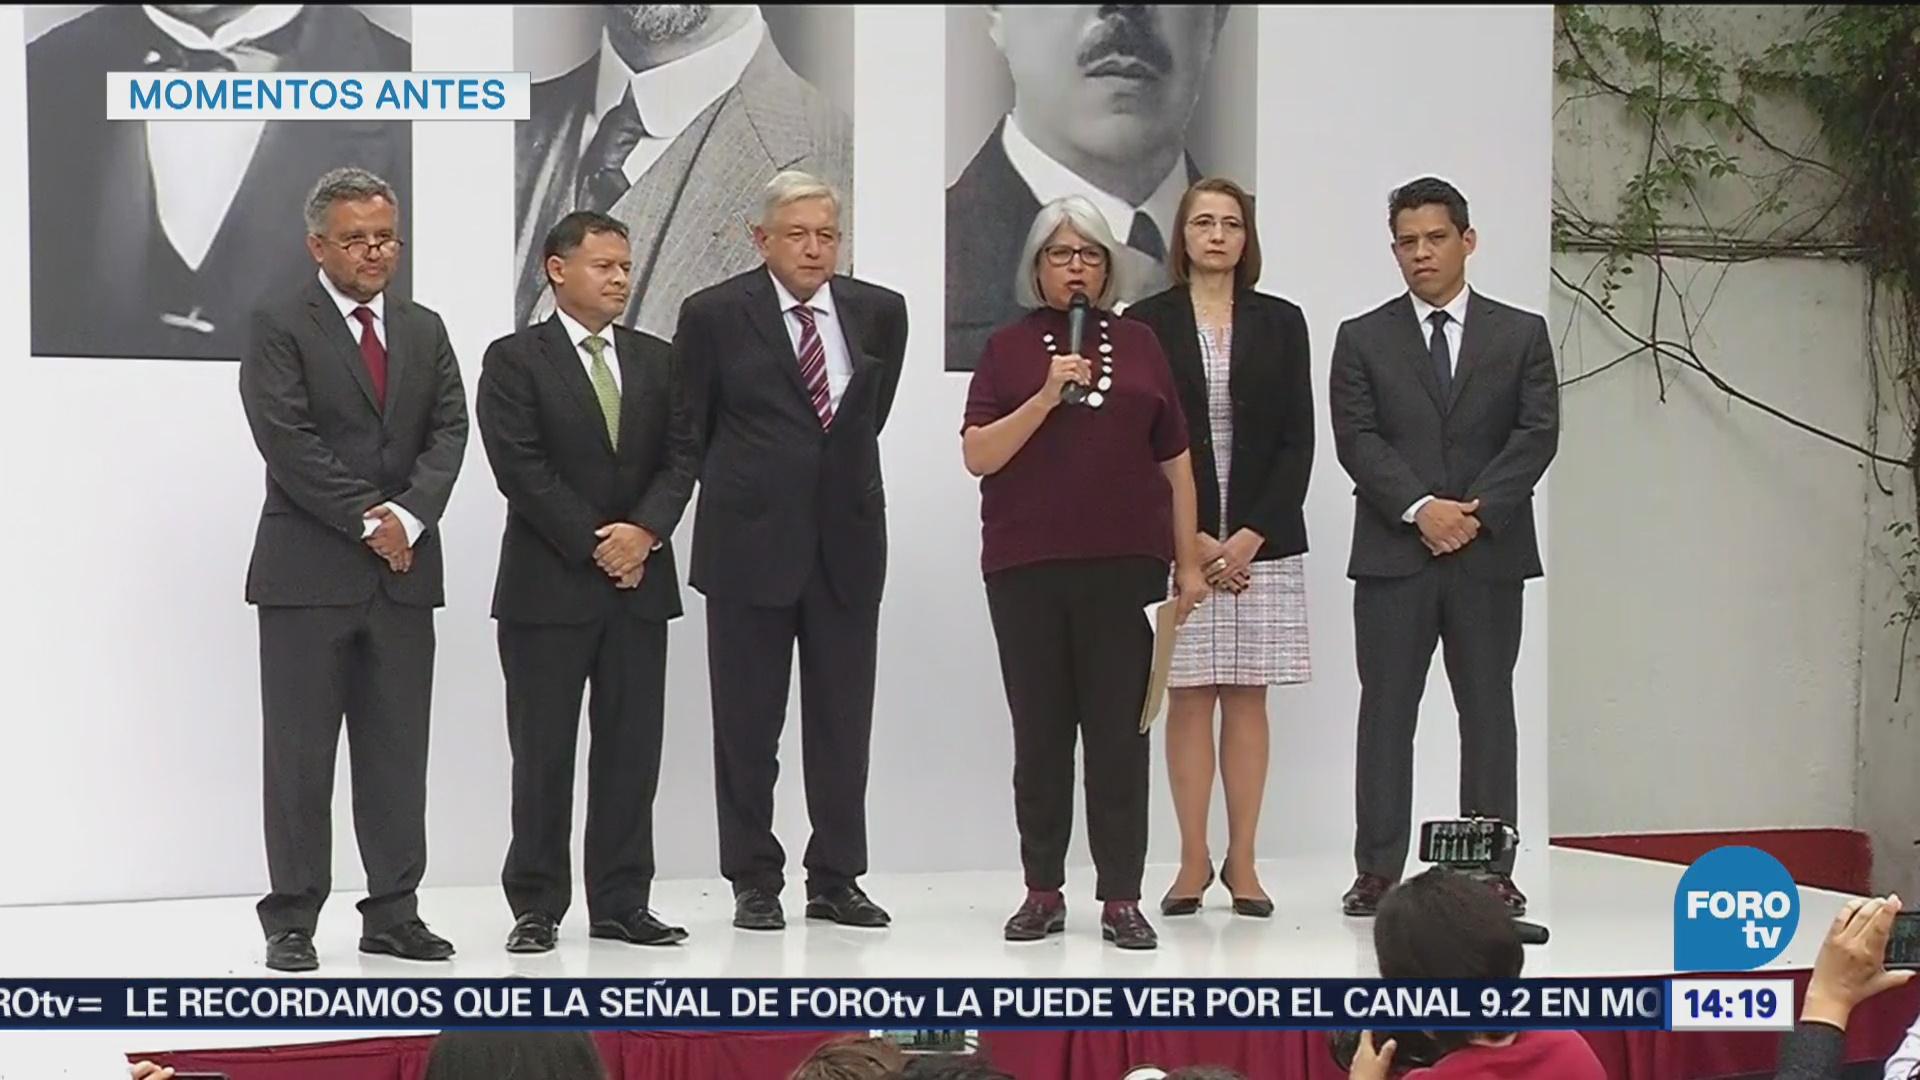 Graciela Márquez Presenta Proyectos Económicos Gobierno De AMLO